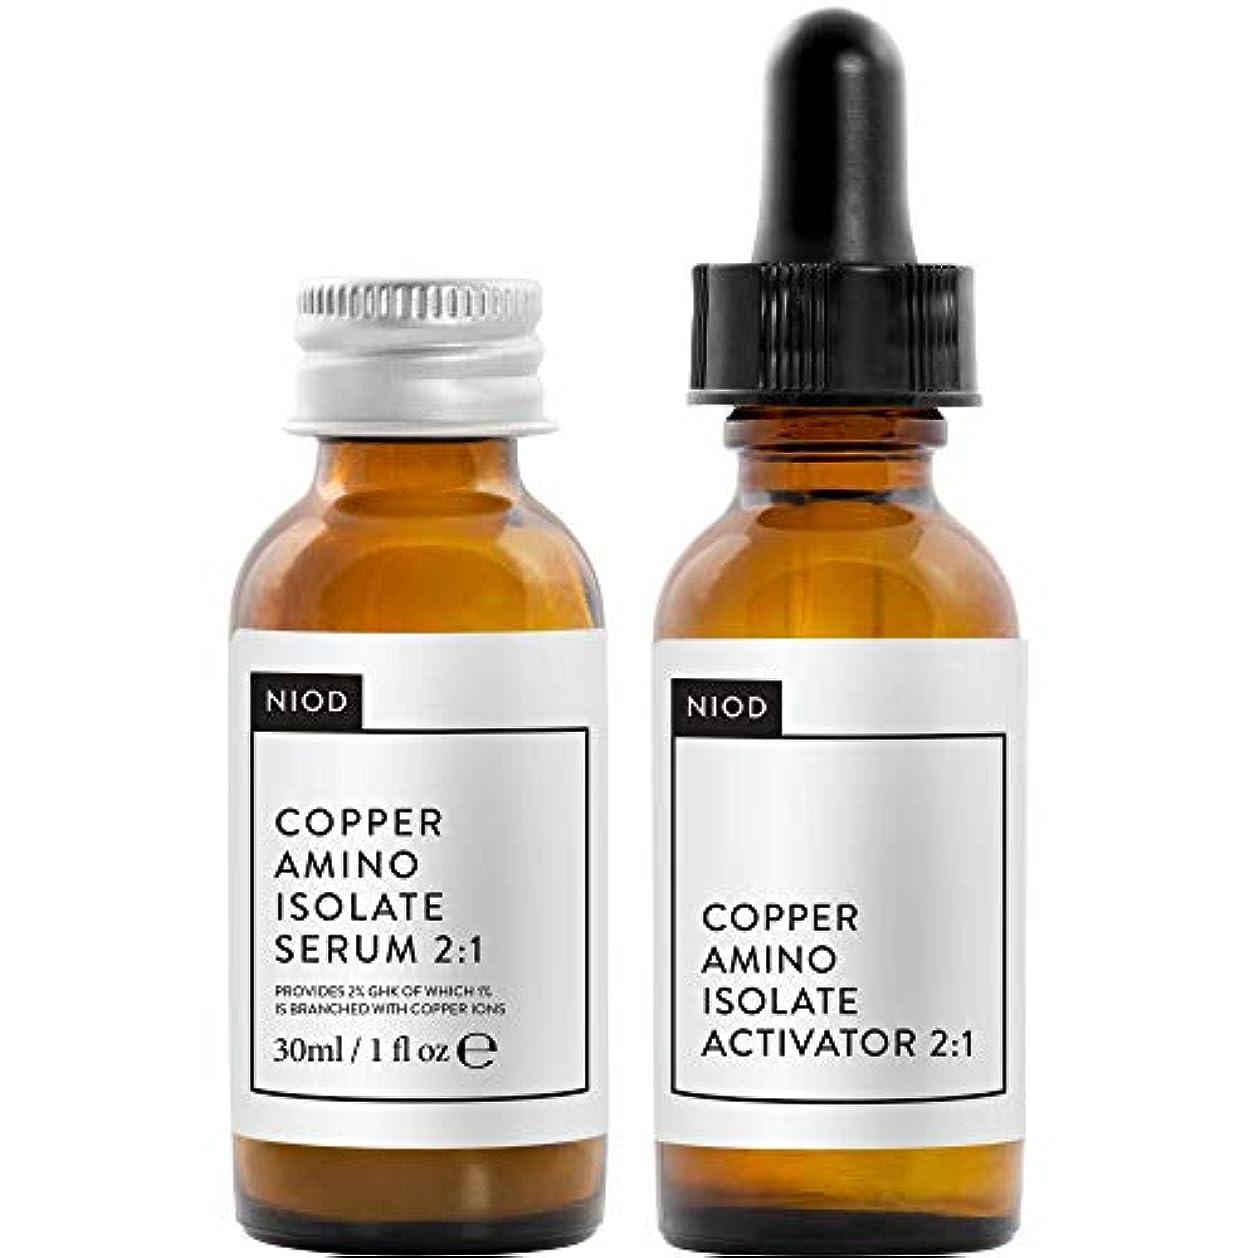 地域のくま蓄積する[NIOD] Niod銅アミノ分離株の血清2:1 30ミリリットル - NIOD Copper Amino Isolate Serum 2:1 30ml [並行輸入品]